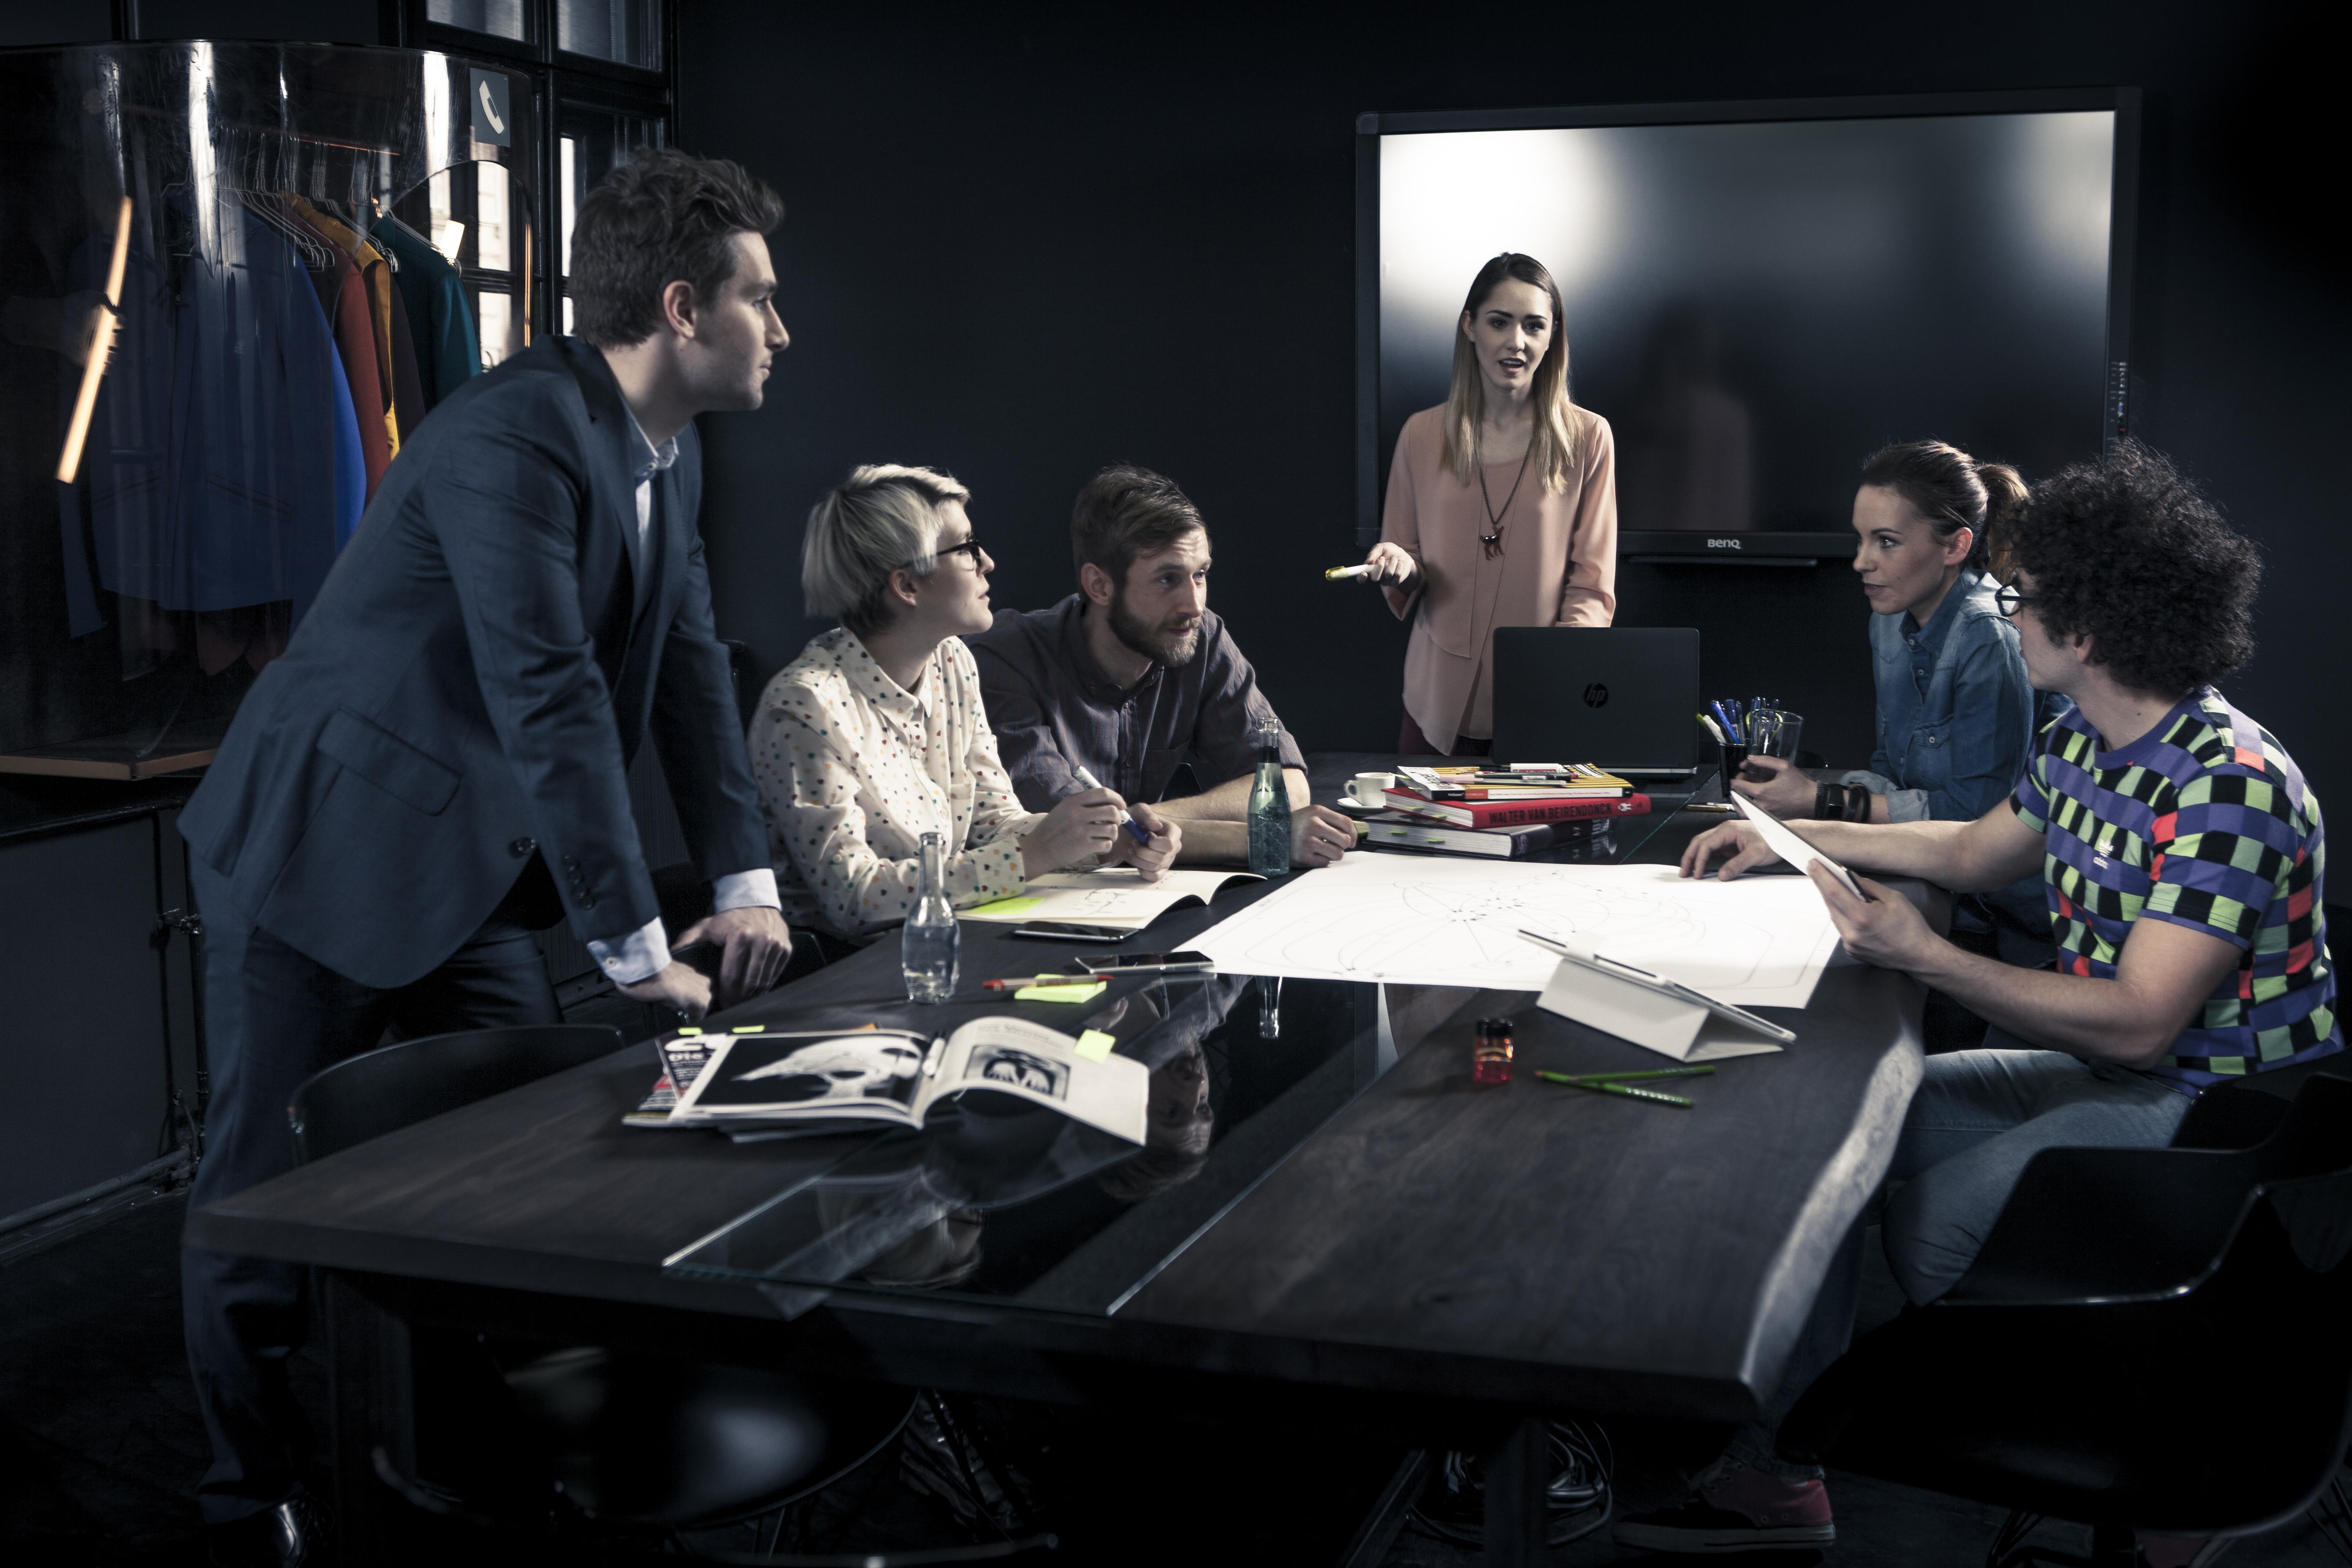 Gewinnspiel: A1 und Brutkasten schicken 5 Startups zum ersten .roundtable mit Staatssekretär Harald Mahrer